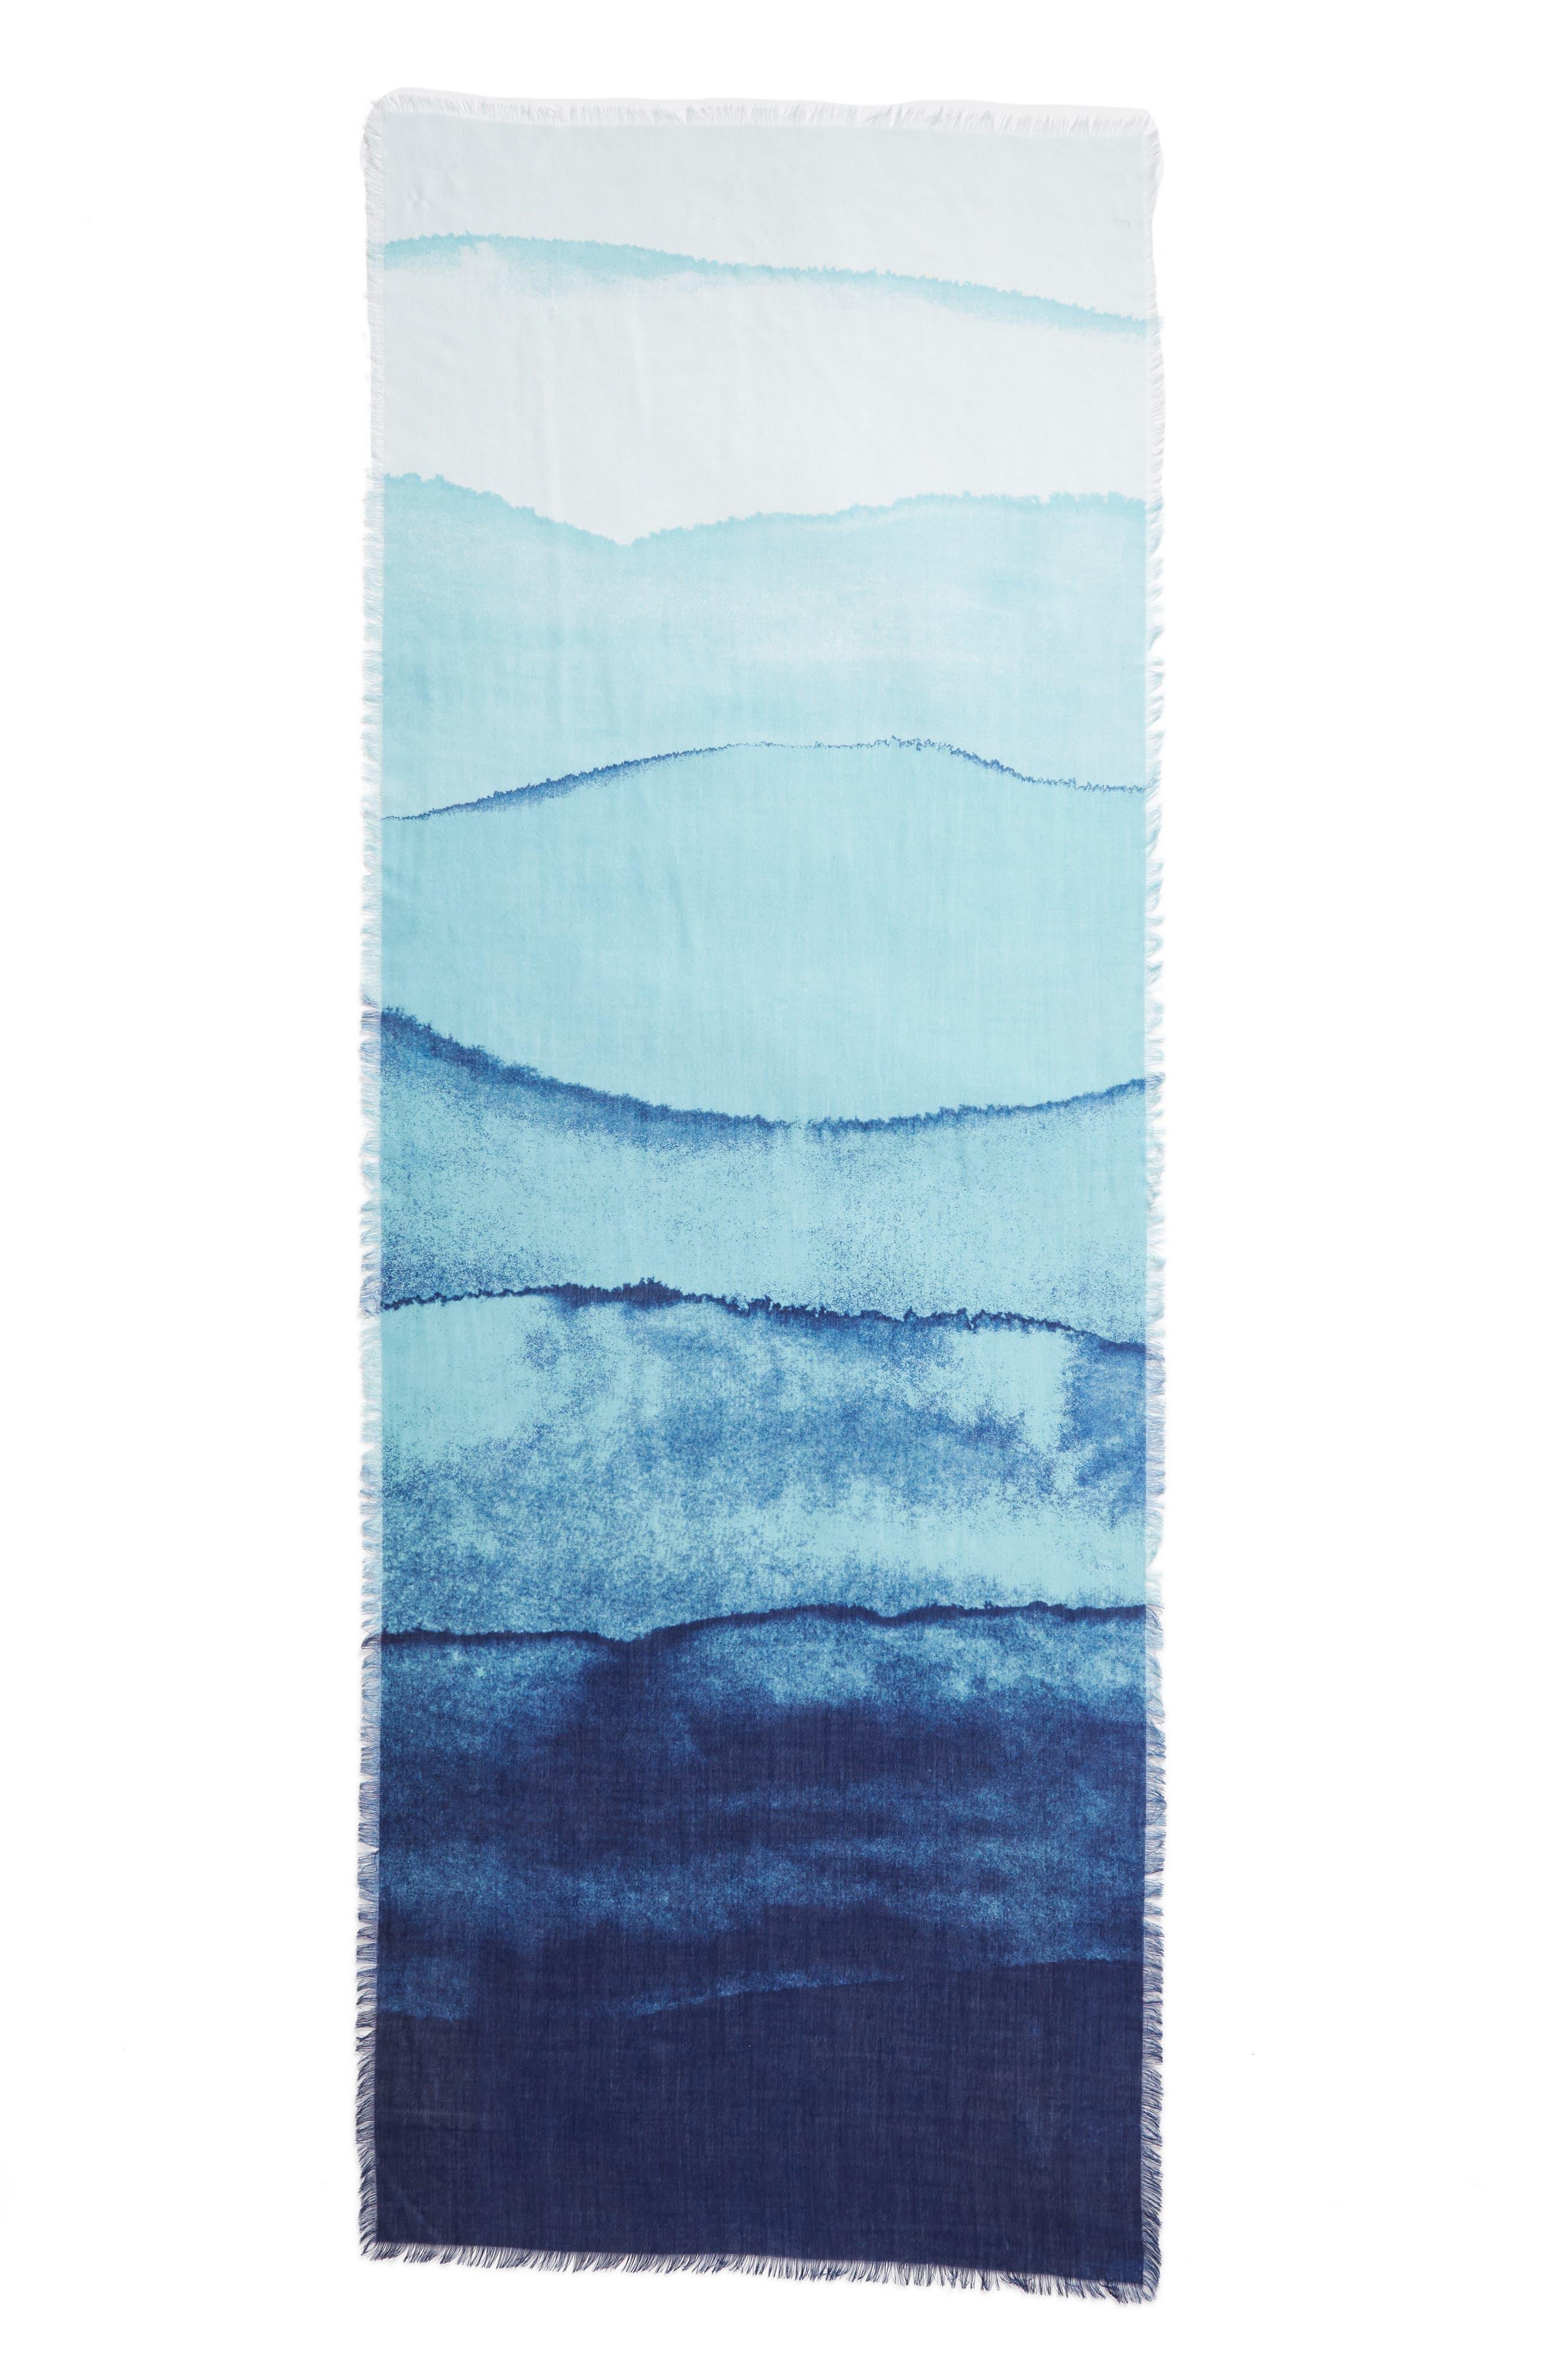 Eyelash Trim Print Cashmere & Silk Wrap,                             Alternate thumbnail 3, color,                             Teal Painterly Landscape